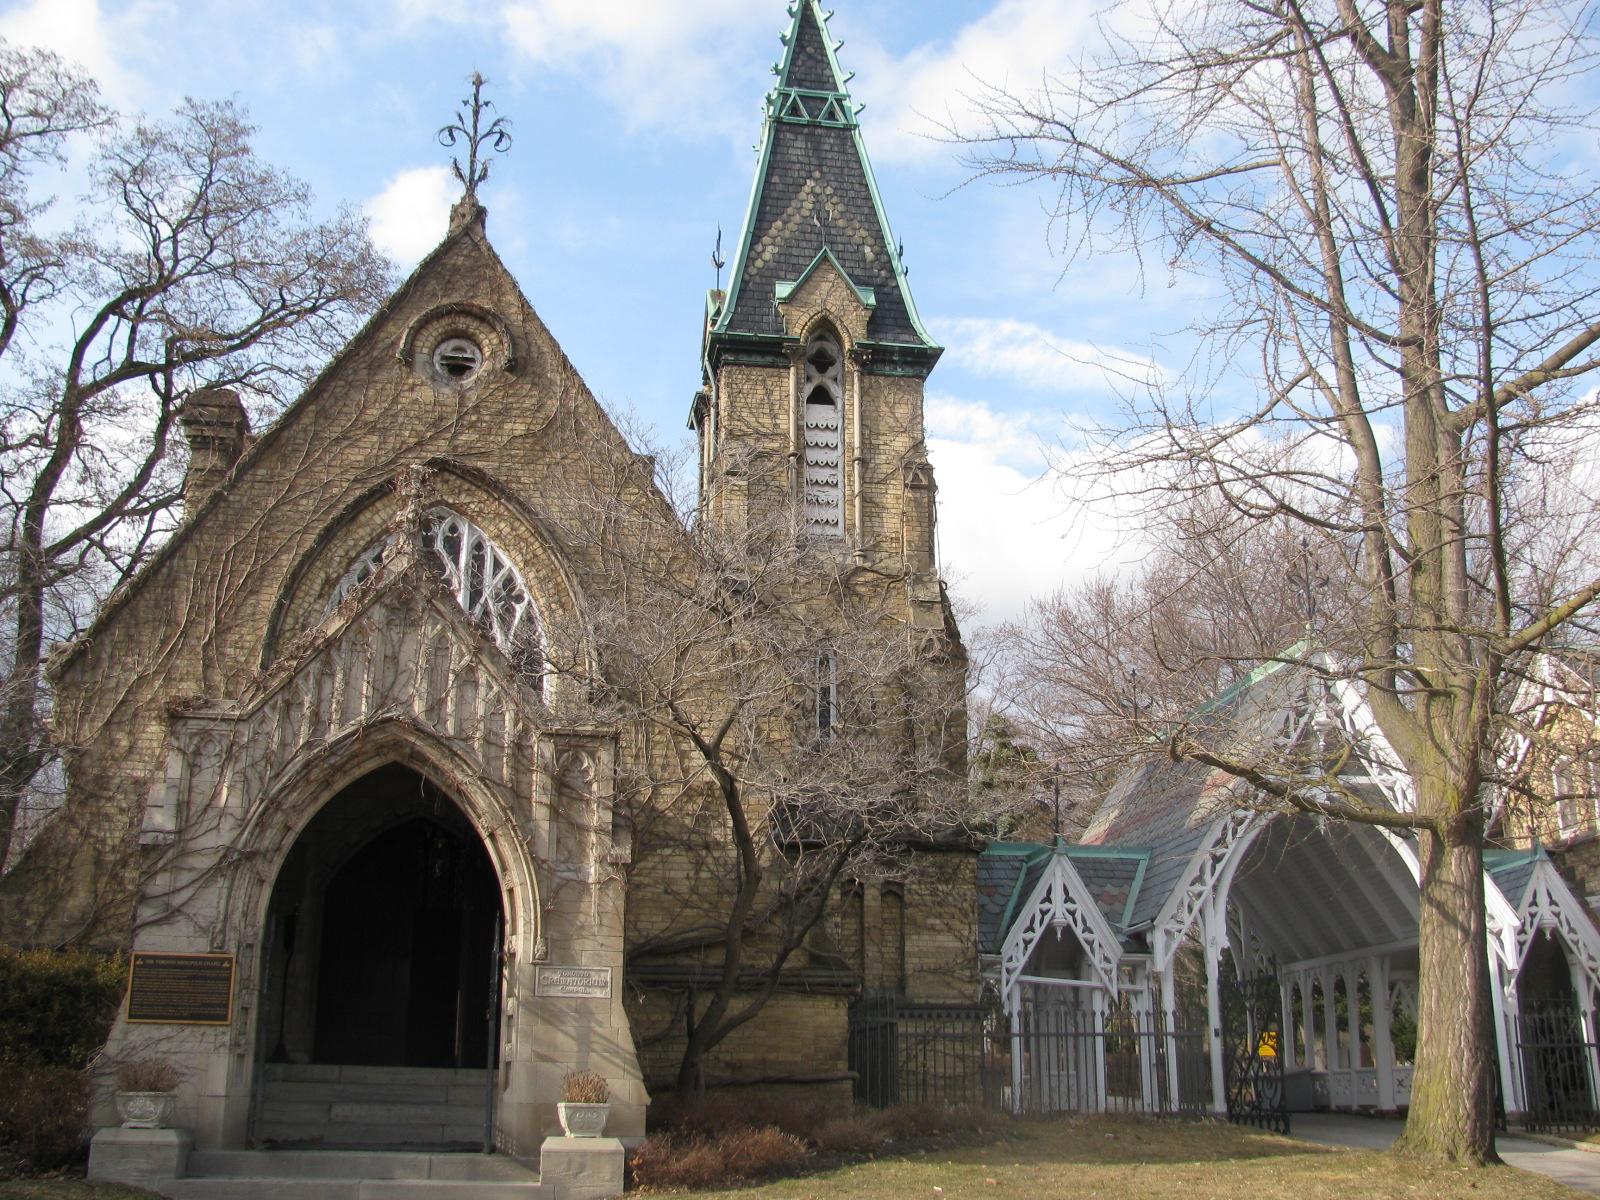 Toronto Necropolis Cemetery And Crematorium In Ontario